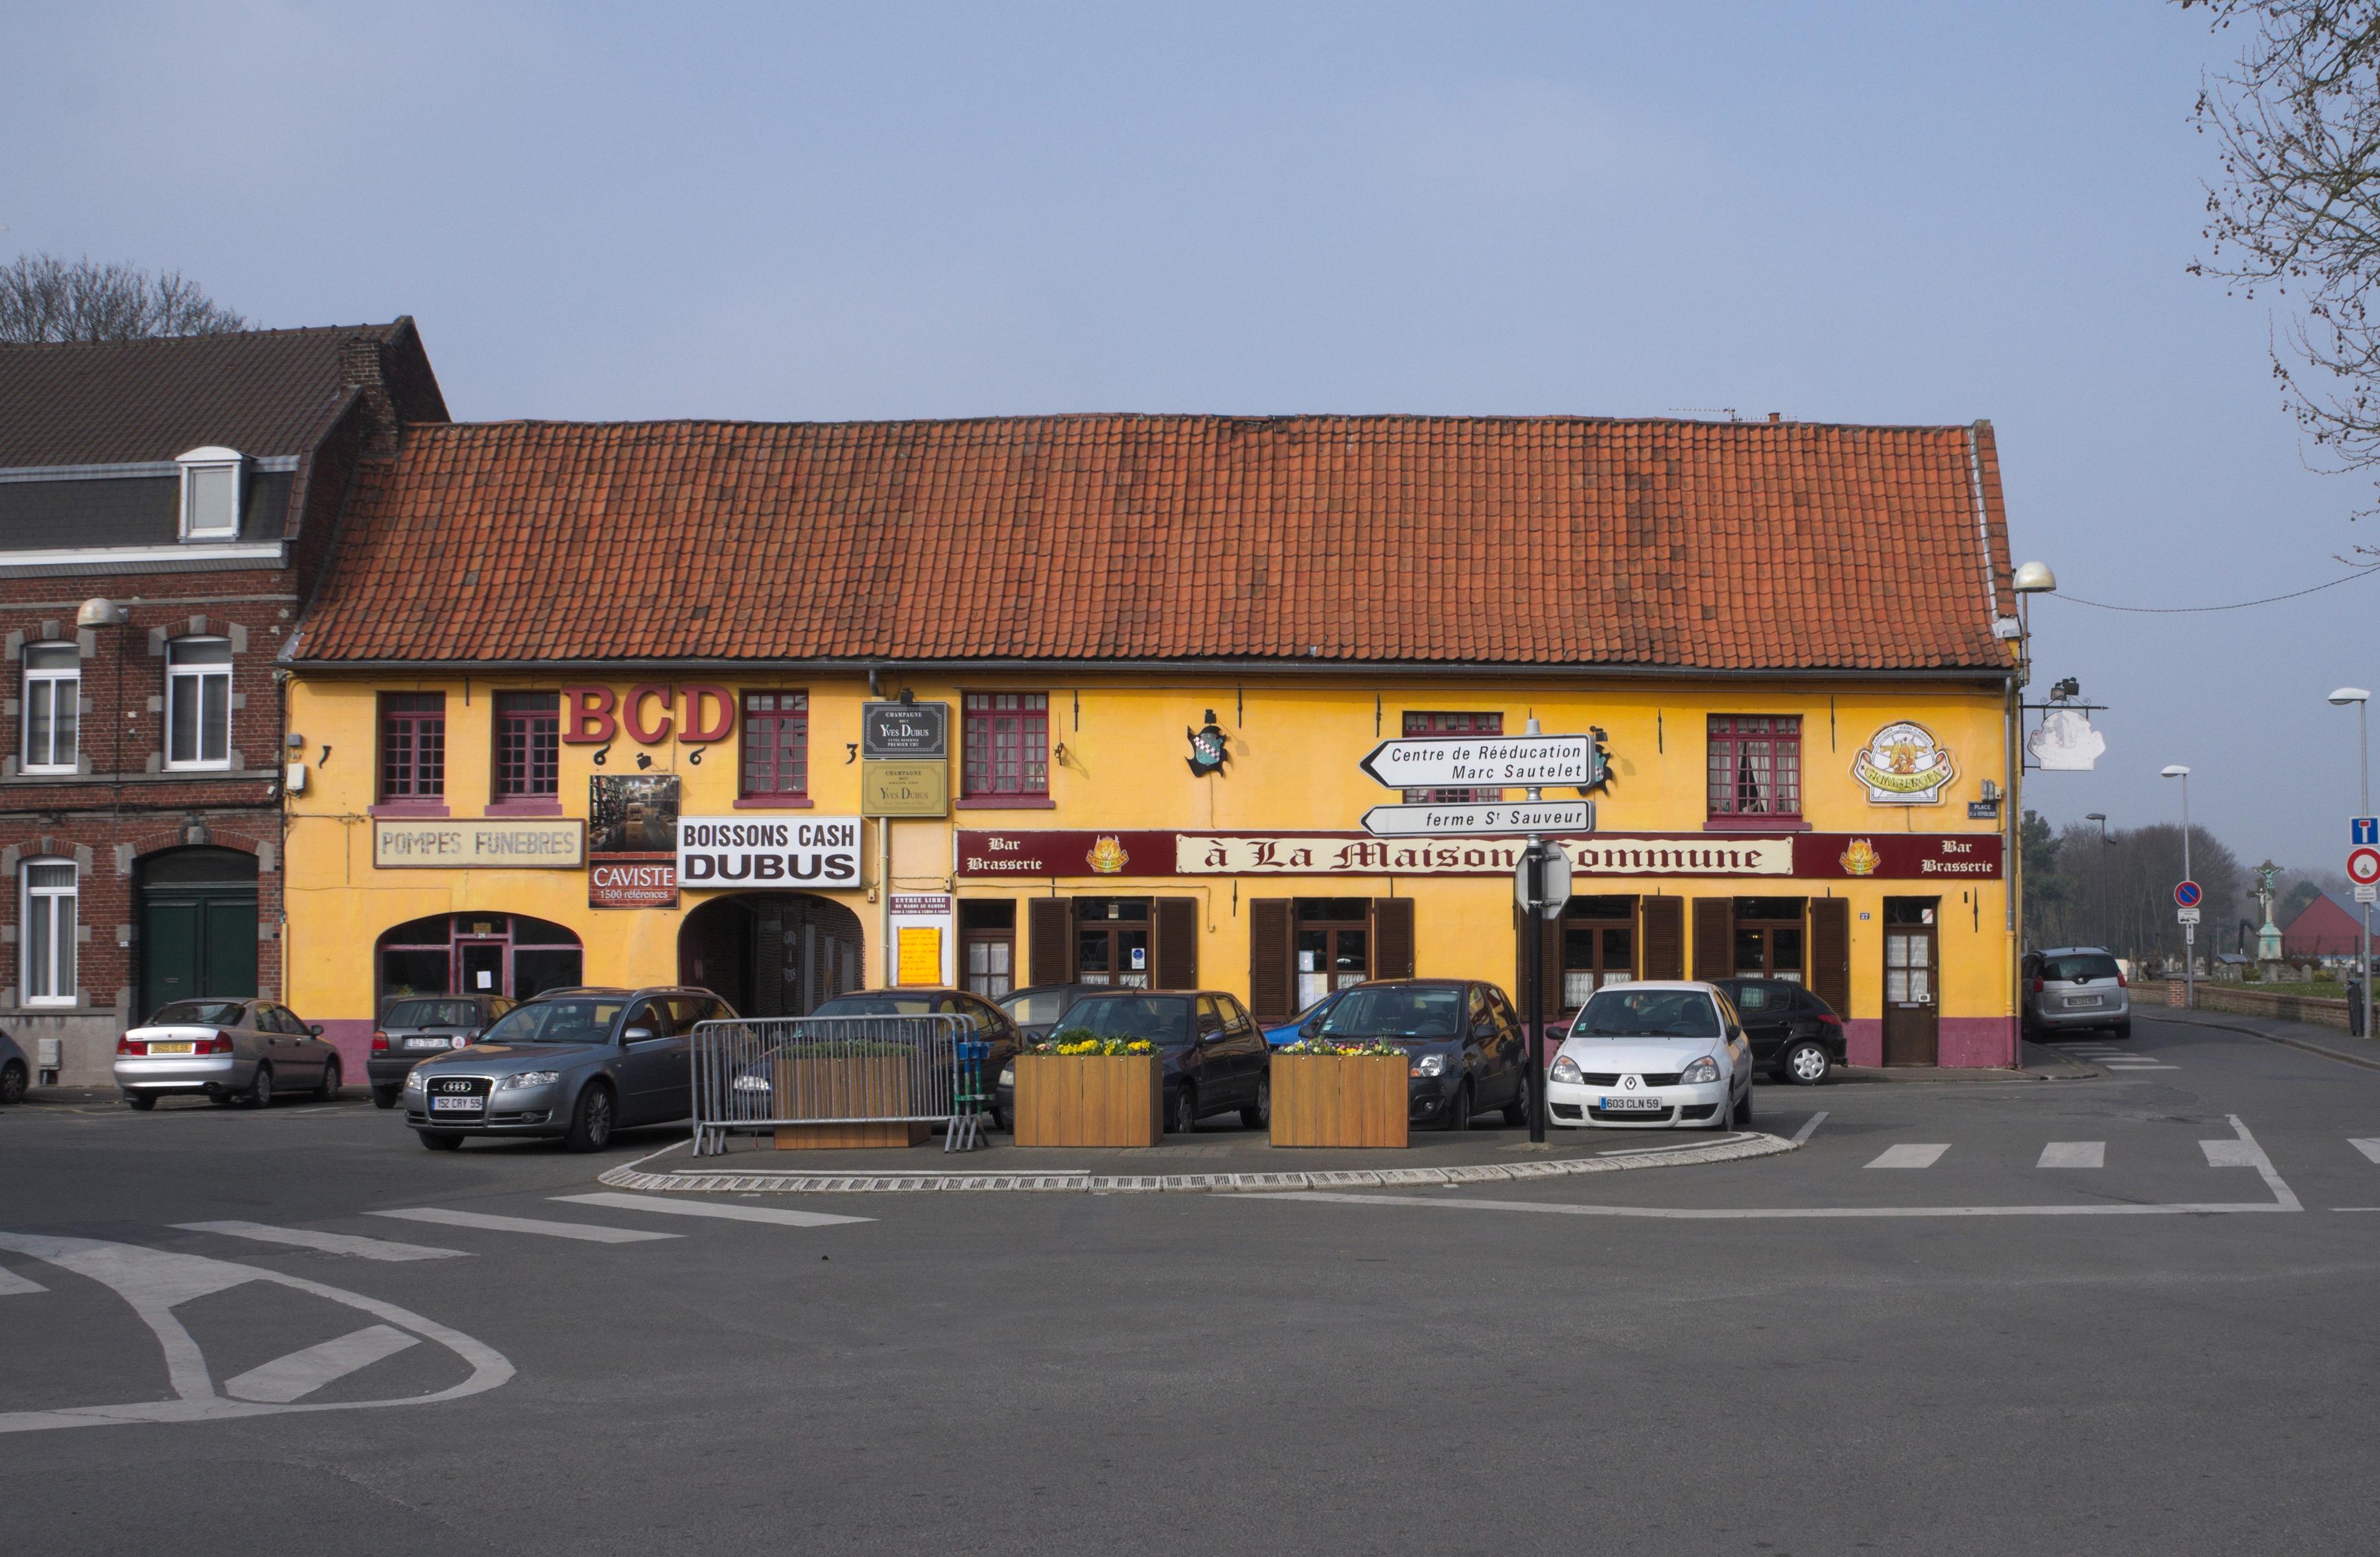 Filea La Maison Commune Villeneuve Dascq Jpg